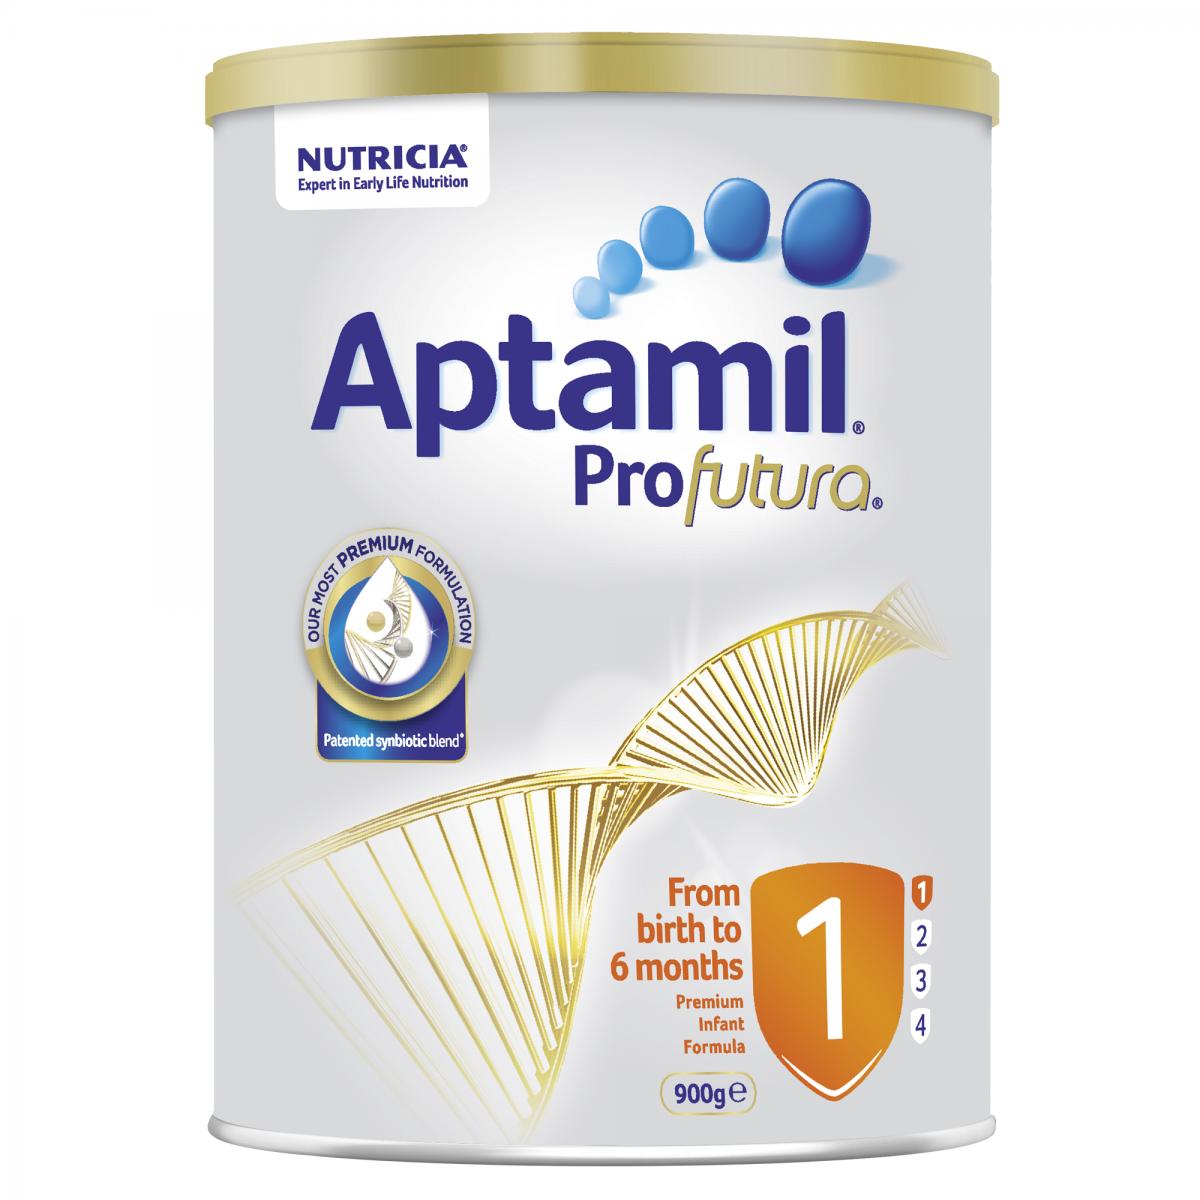 Sữa Aptamil Profutura Úc số 1,2,3,4 hộp 900g cho bé